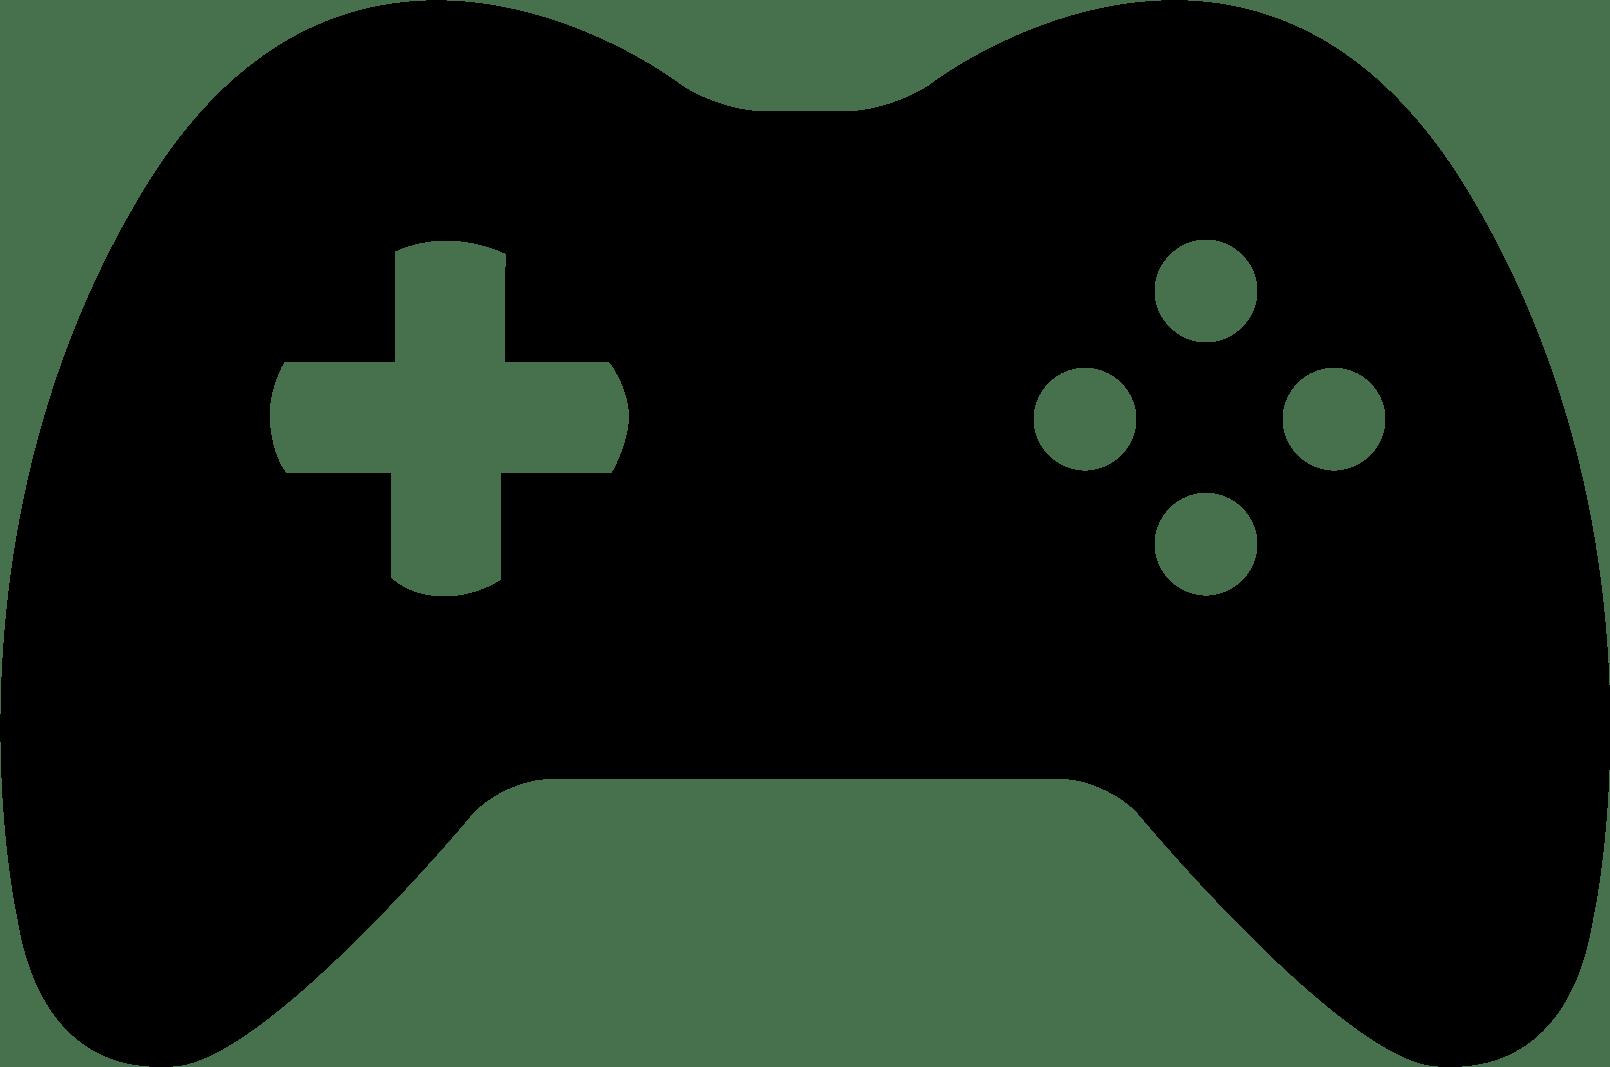 Picto Console de Jeux